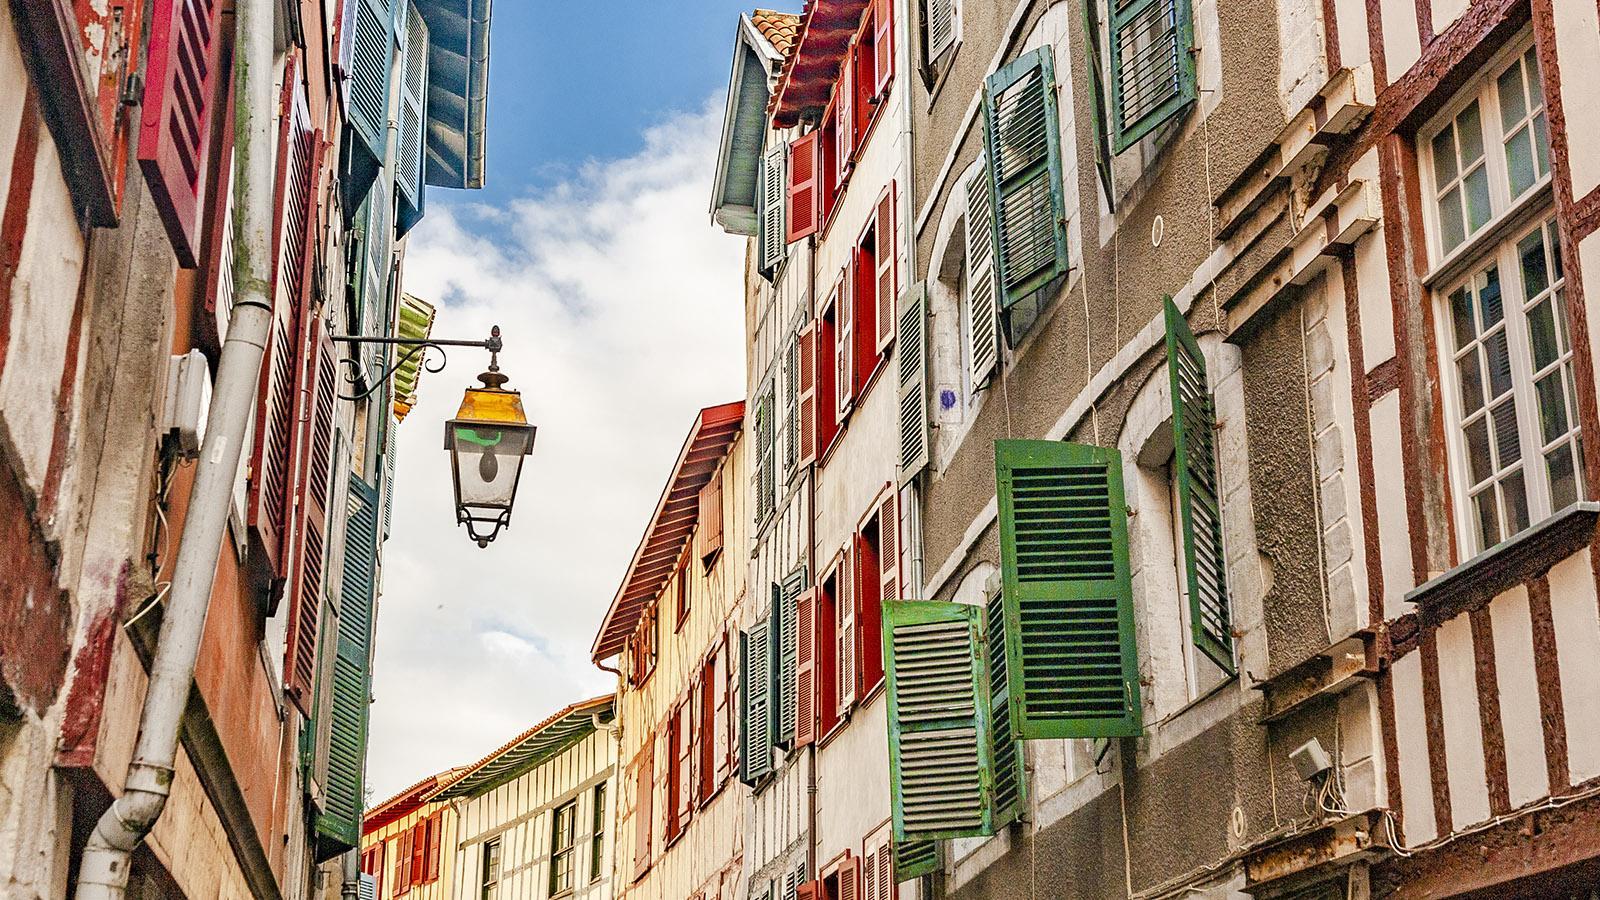 In den Baskenfarben Rot nd Grün: die FFensterläden von Bayonne. Foto: Hilke Maunder